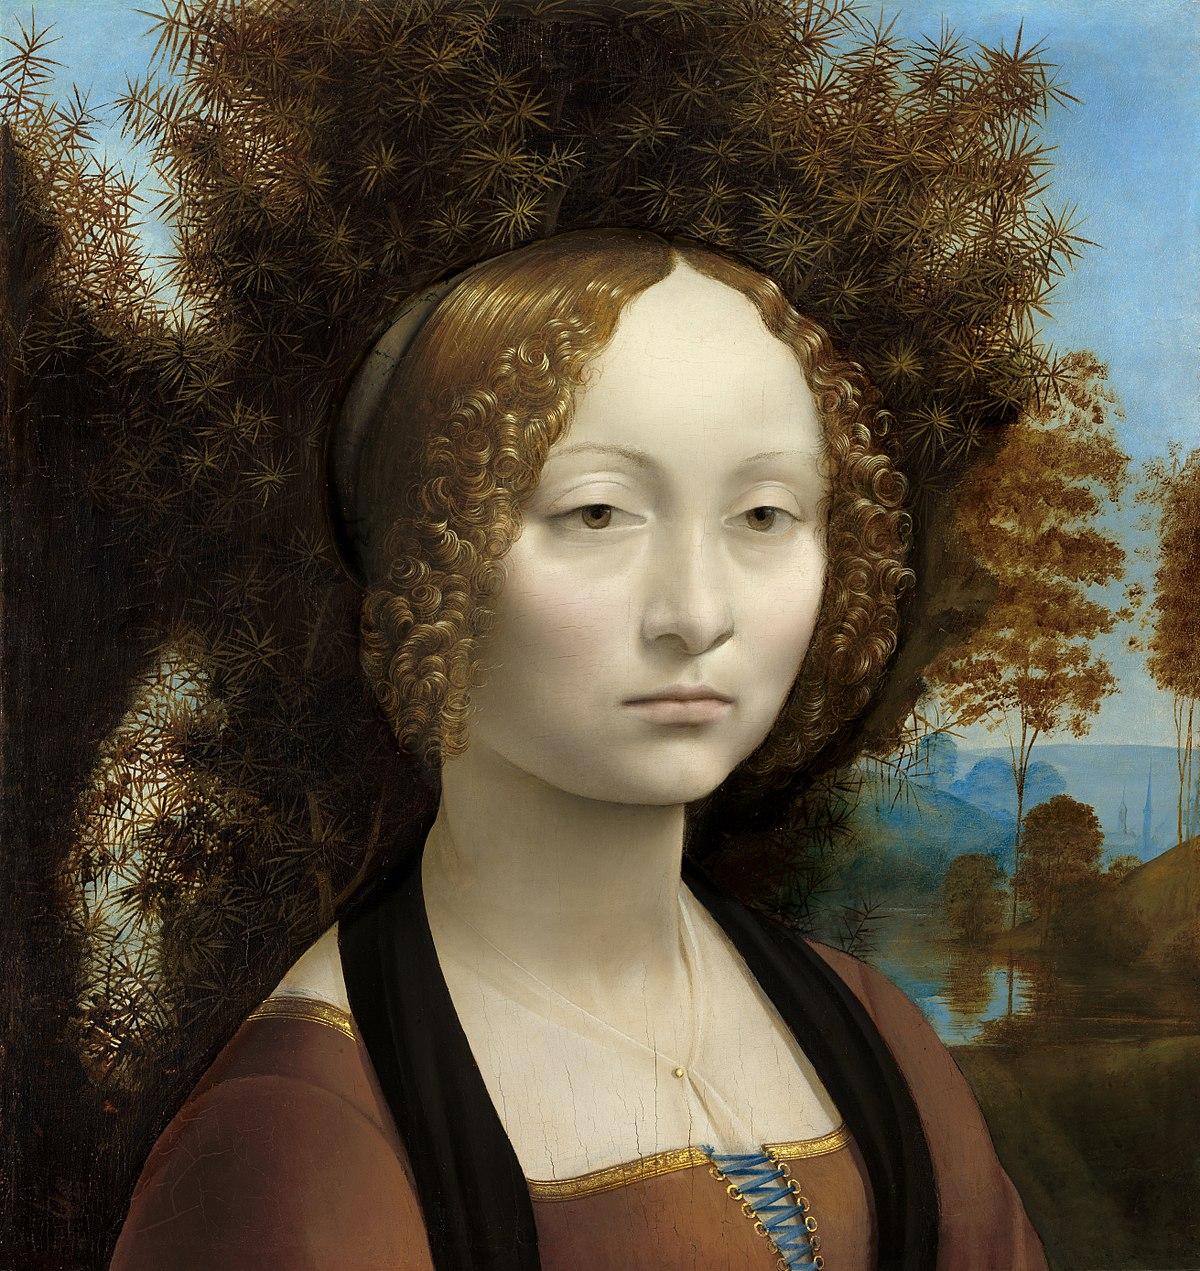 Il Ritratto di Ginevra de' Benci di Leonardo da Vinci